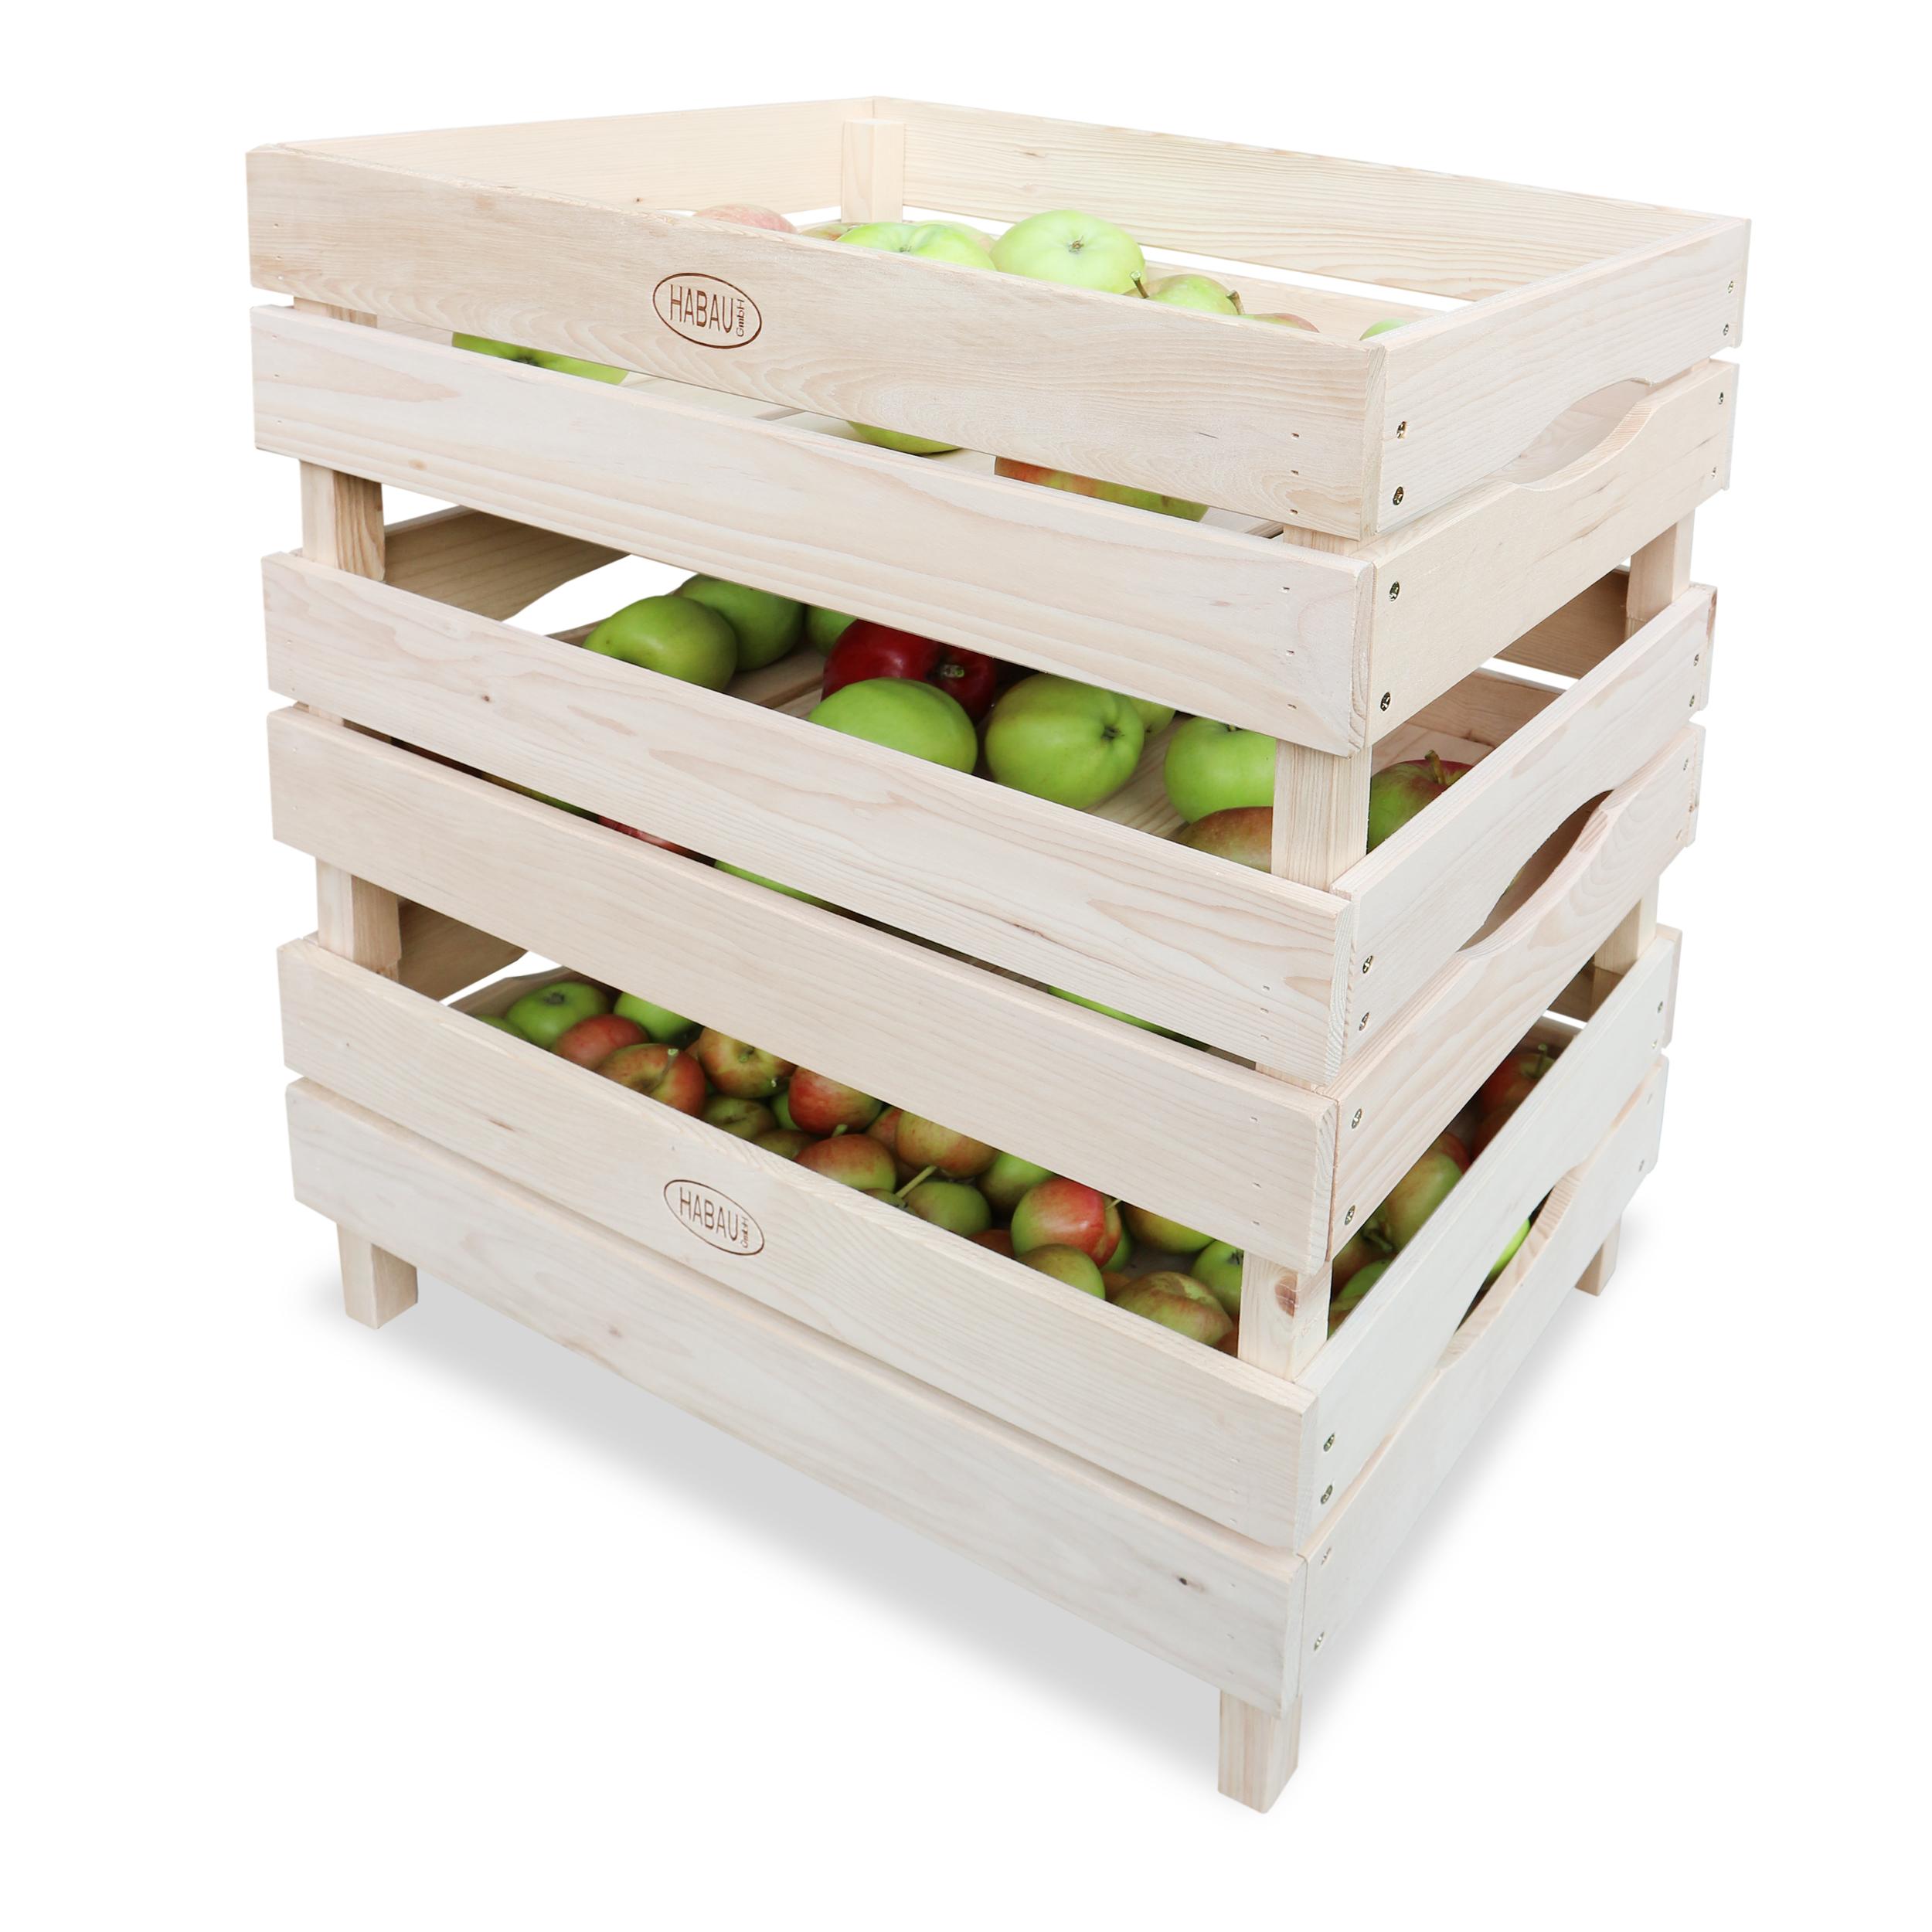 HABAU Holzkiste für Obst und Gemüse im 3er Set, Anwendungsbeispiel mit Äpfeln